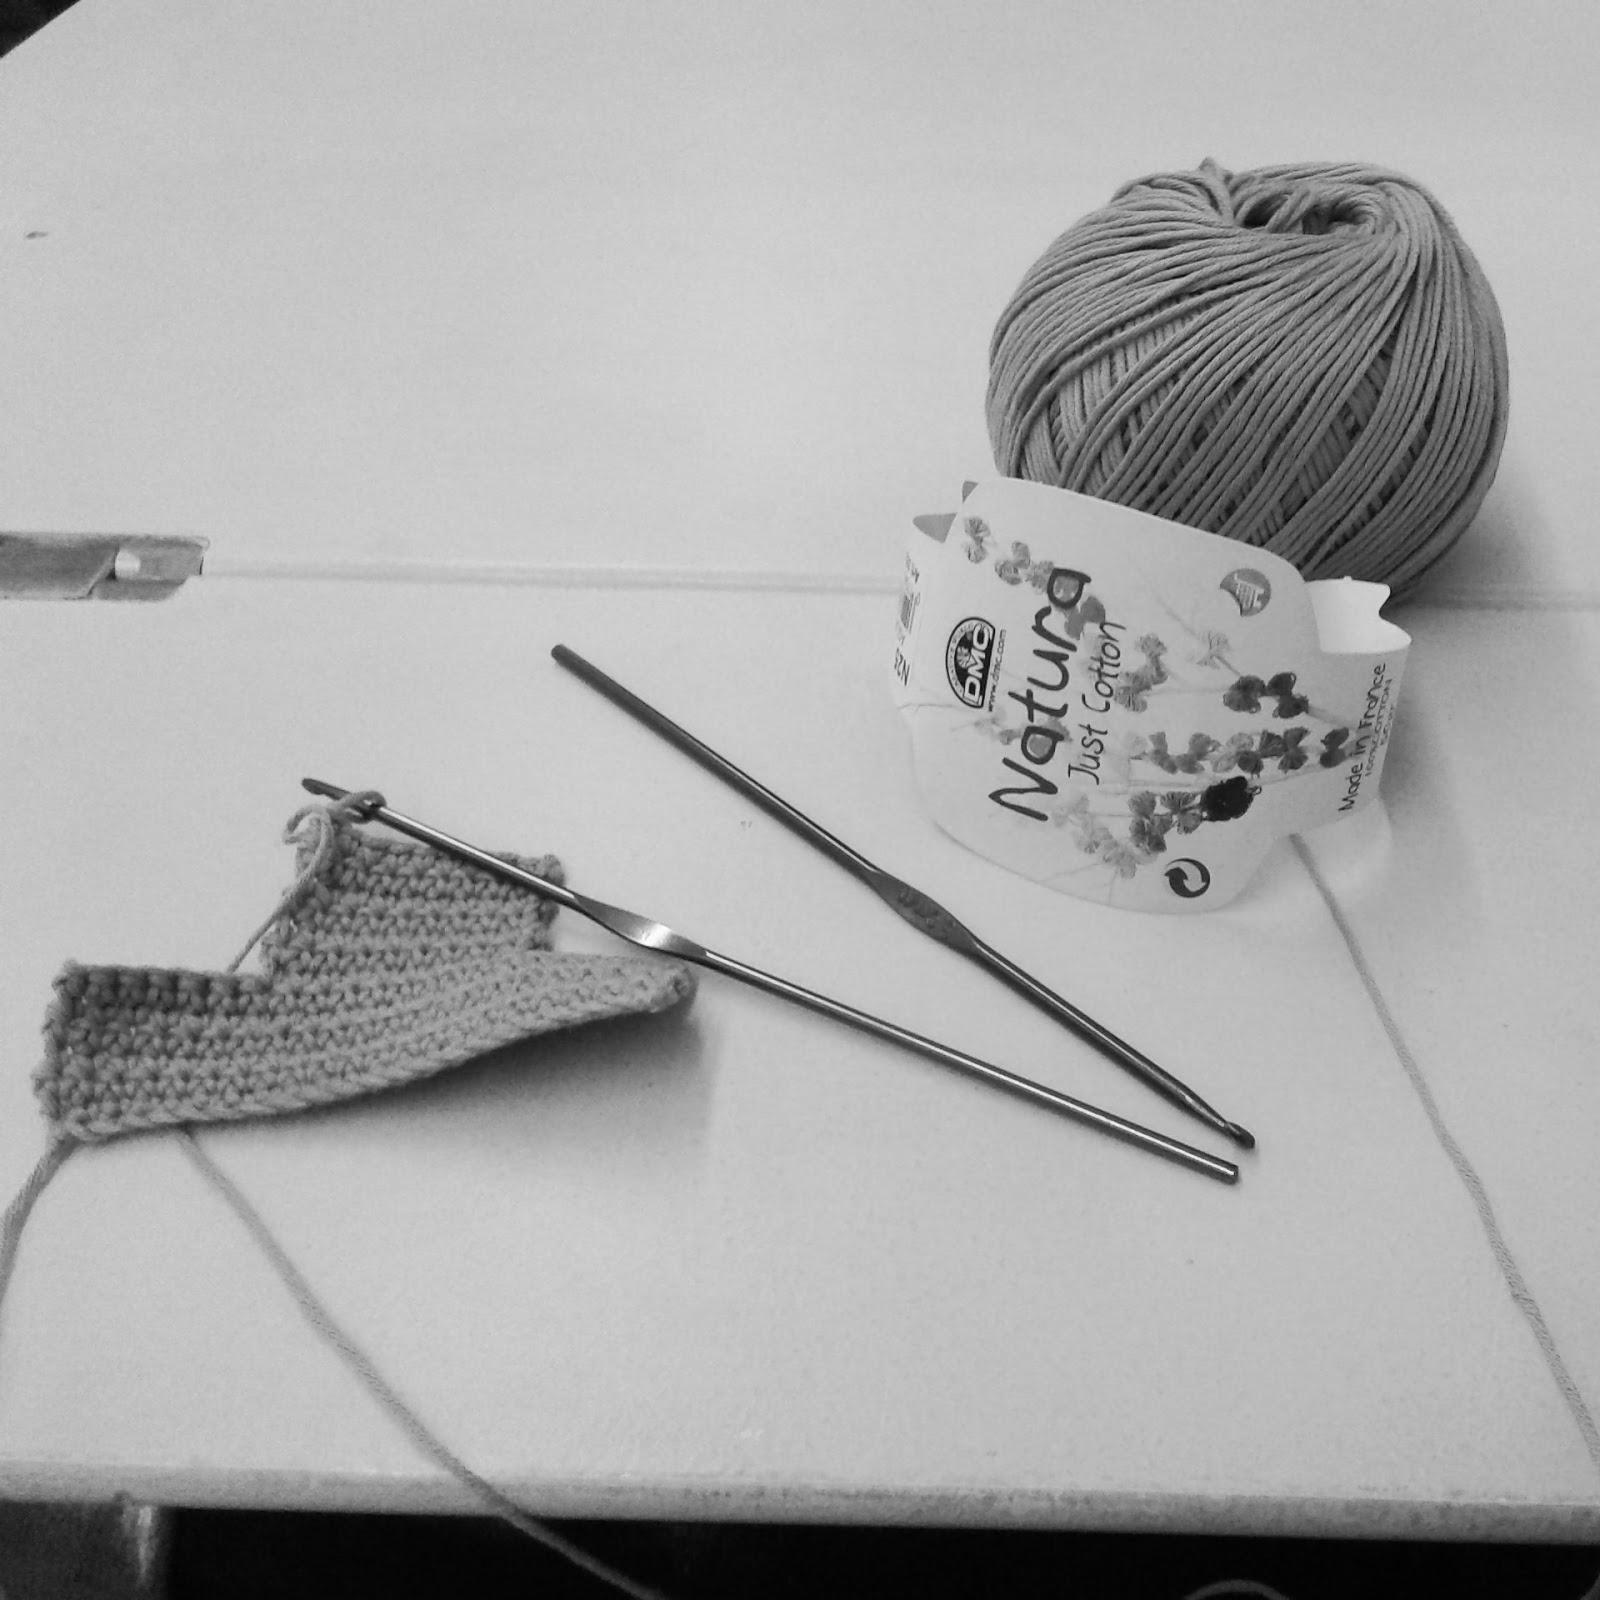 A mis labores: Abecedario en 3D con bigunku